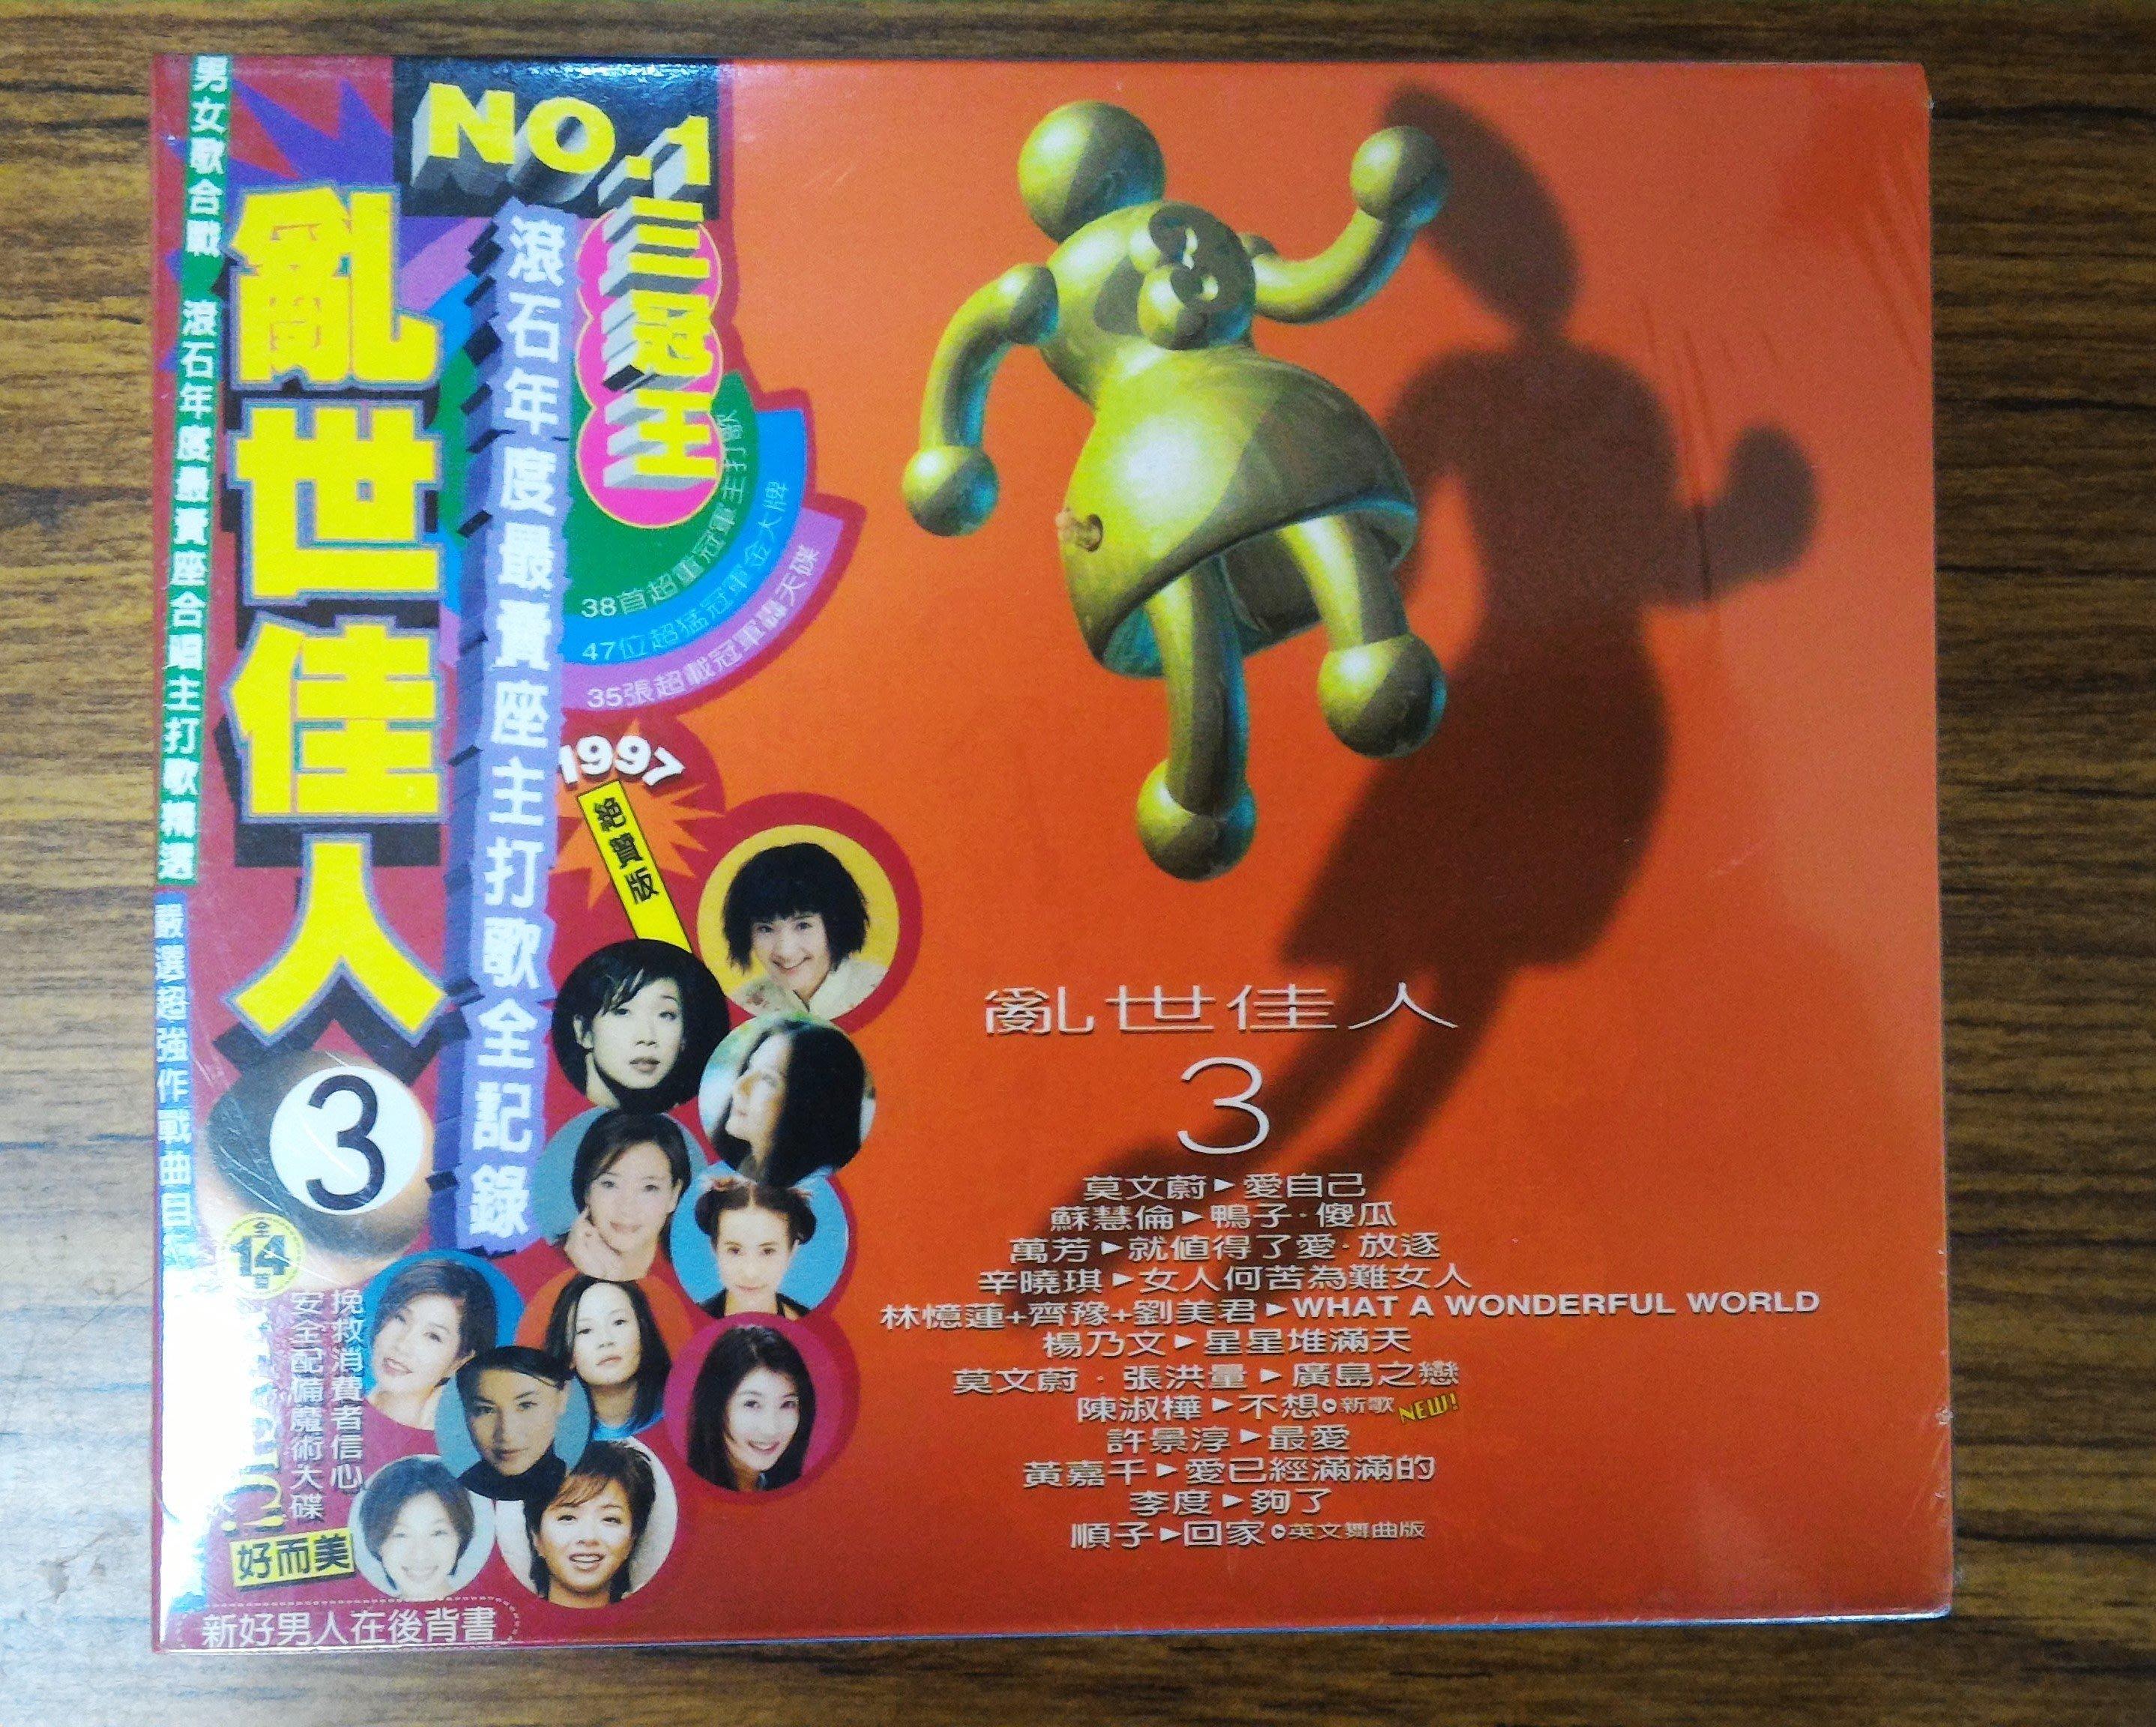 [影音雜貨店] 滾石NO.1三冠王 - 亂世佳人3 + 新好男人3 + 男女歌合戰  - 全套3入超值CD - 全新正版